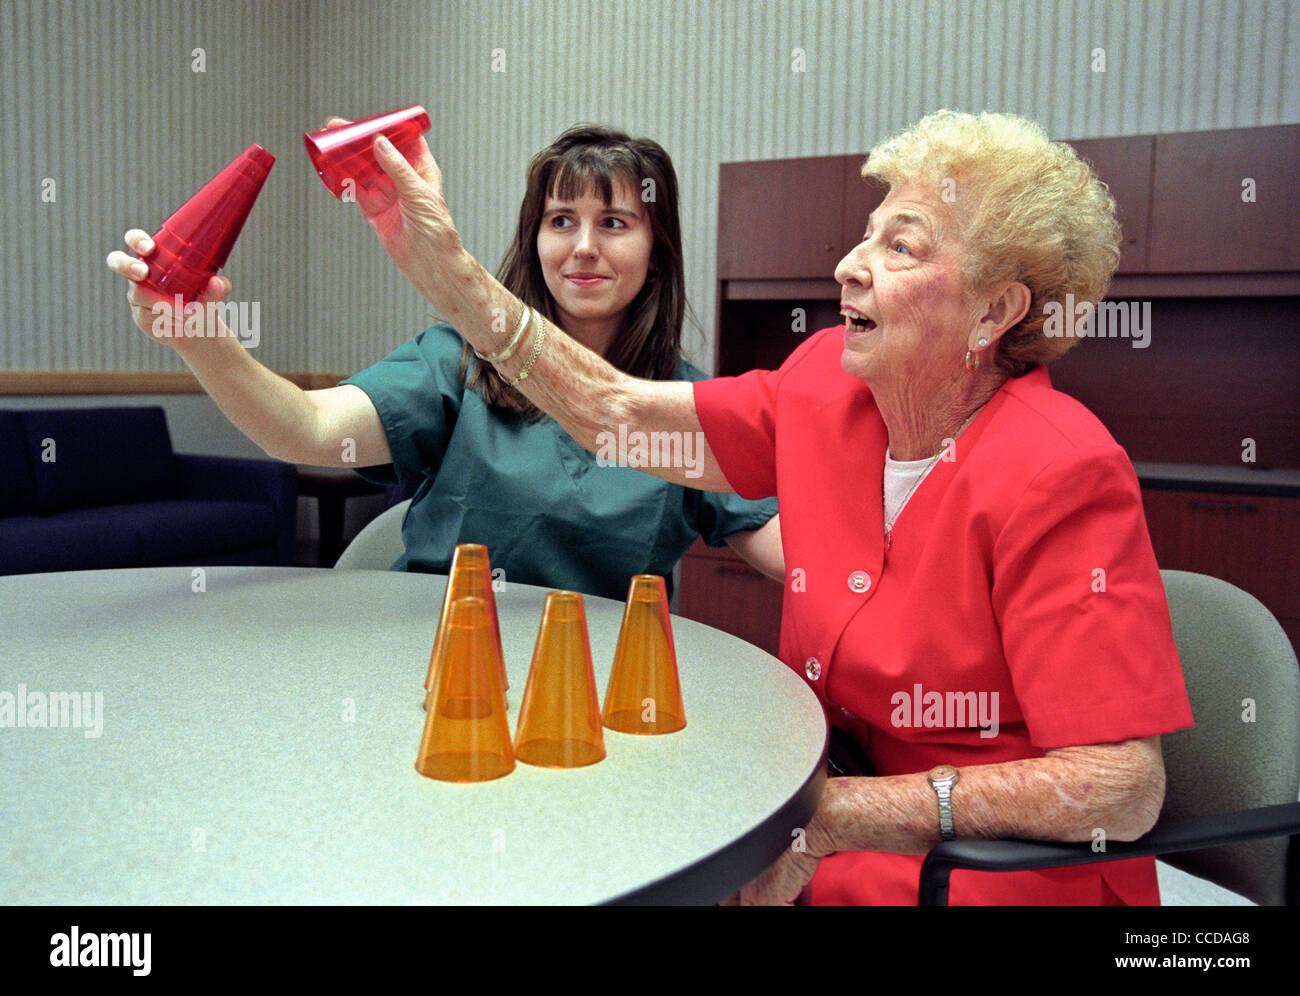 Una mujer jubilada senior en el Departamento Rehabitation del paciente en un hospital recibiendo terapia ocupacional Imagen De Stock